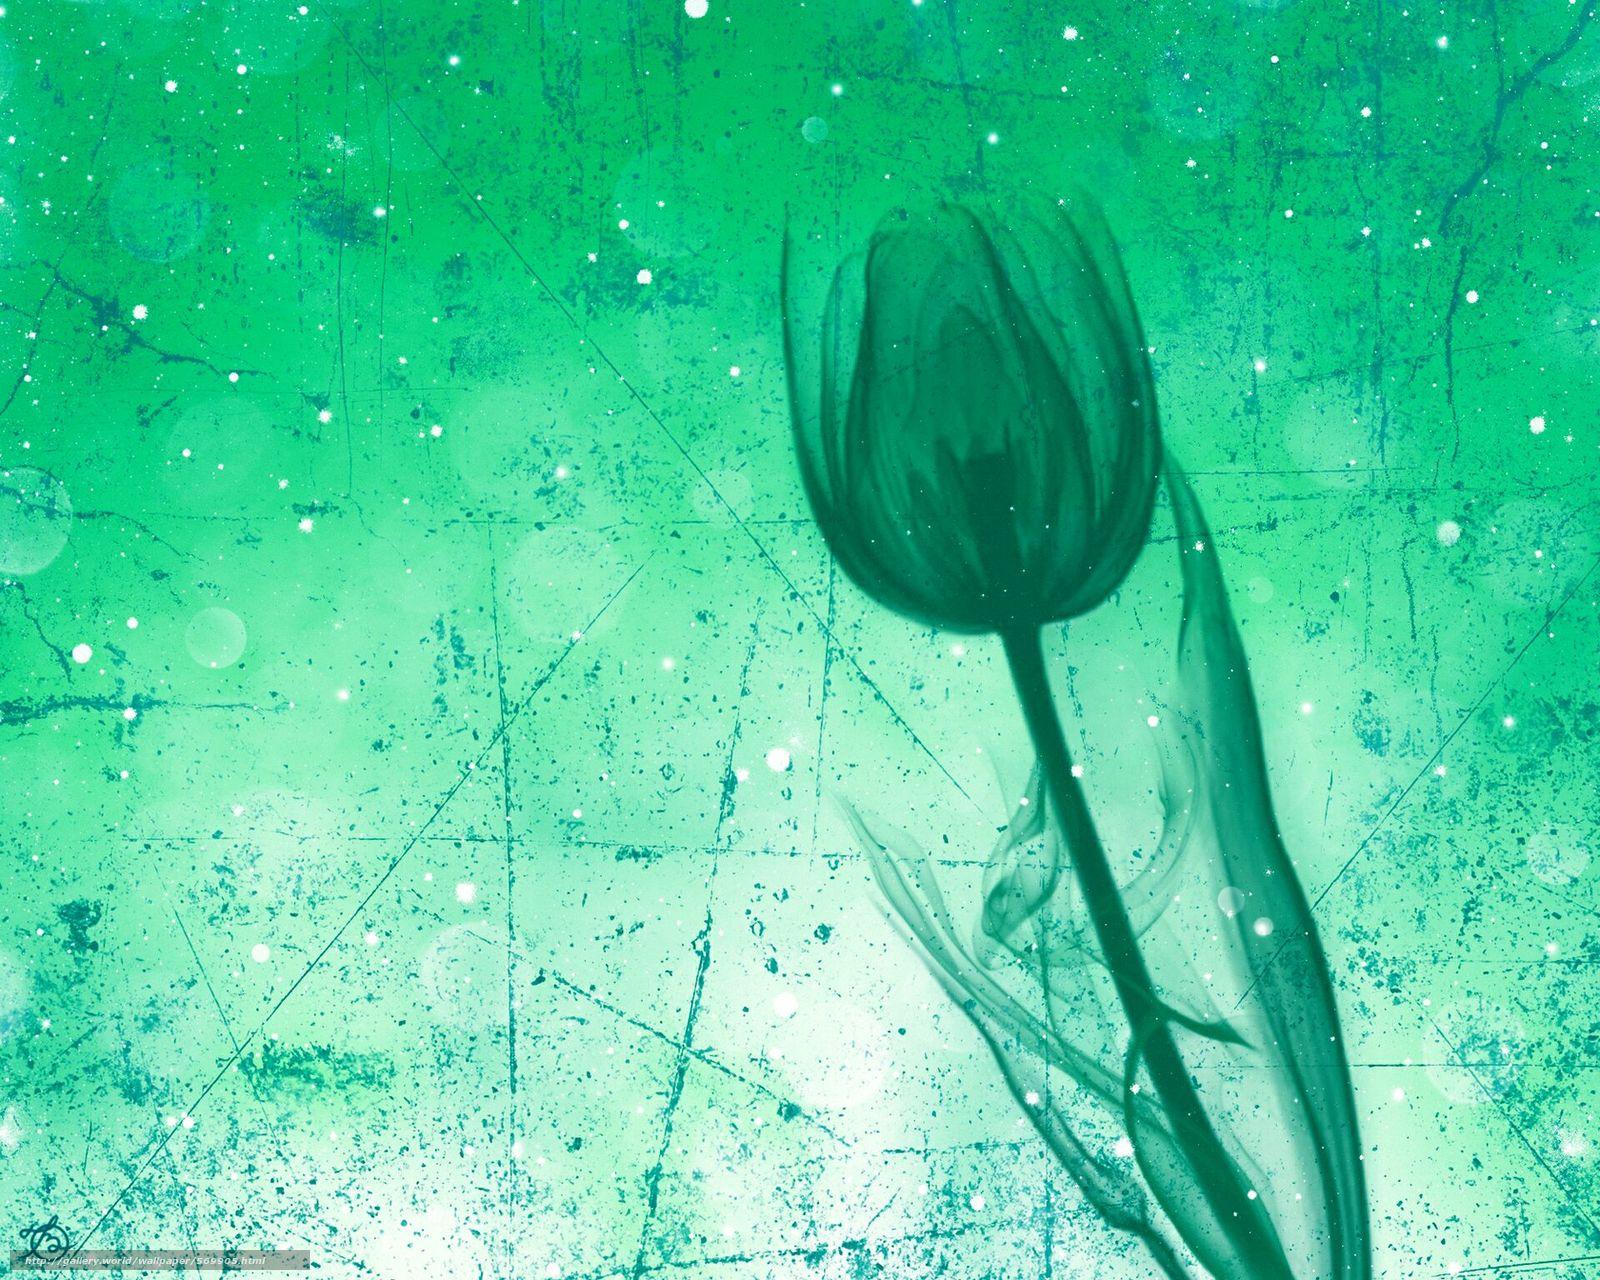 下载壁纸 郁金香,  花,  秆,  触摸 免费为您的桌面分辨率的壁纸 1920x1536 — 图片 №569905